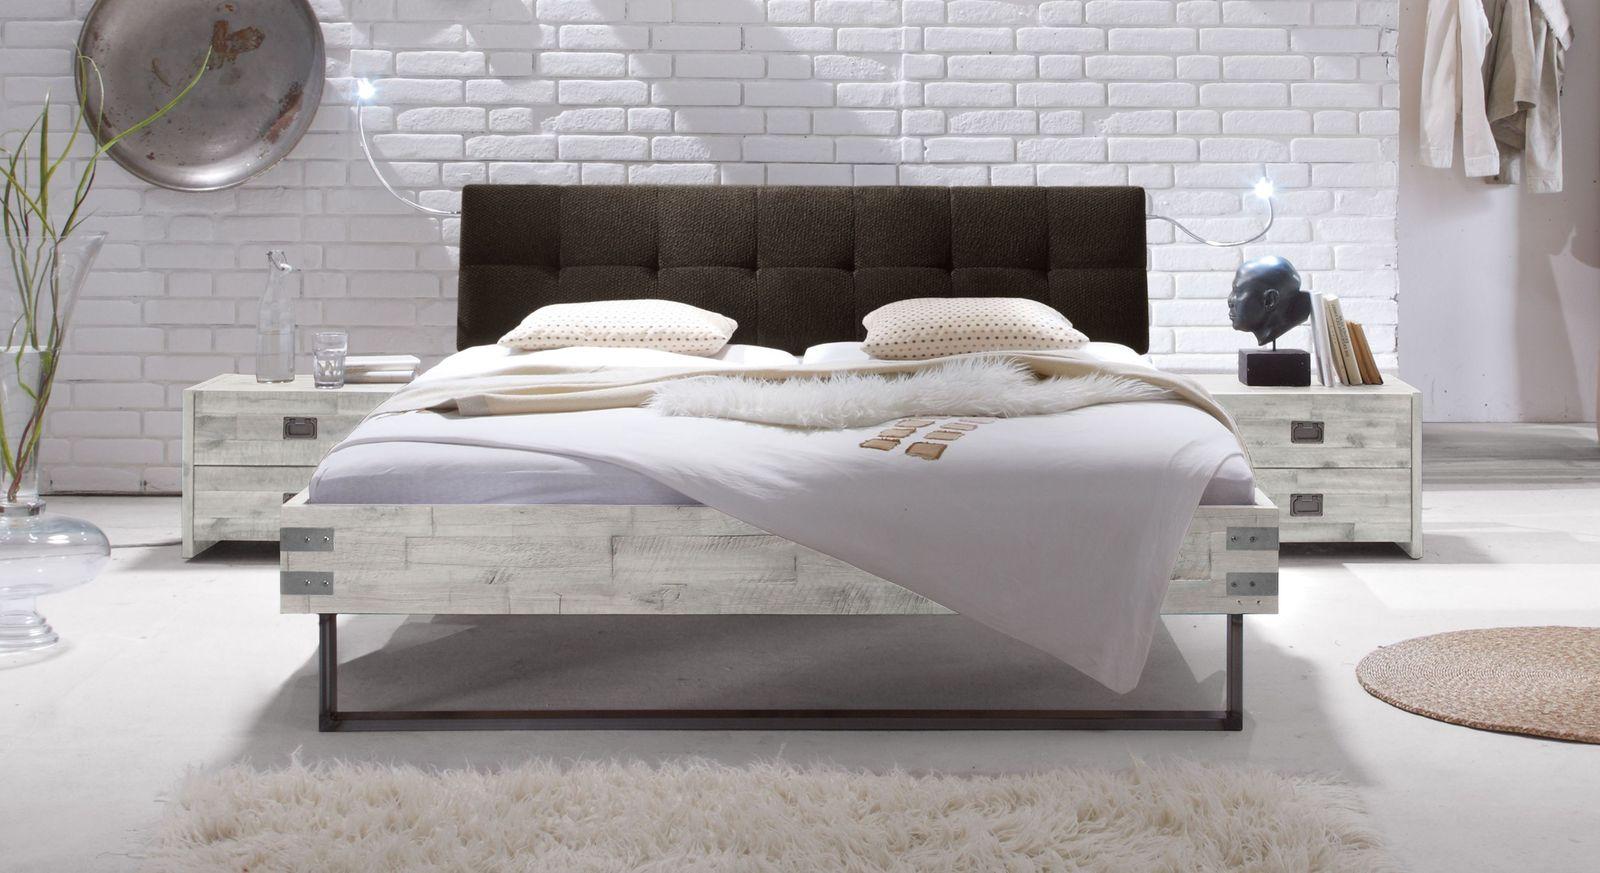 Bett Hamina aus weißer Akazie mit dunkelbraunem Kopfteil